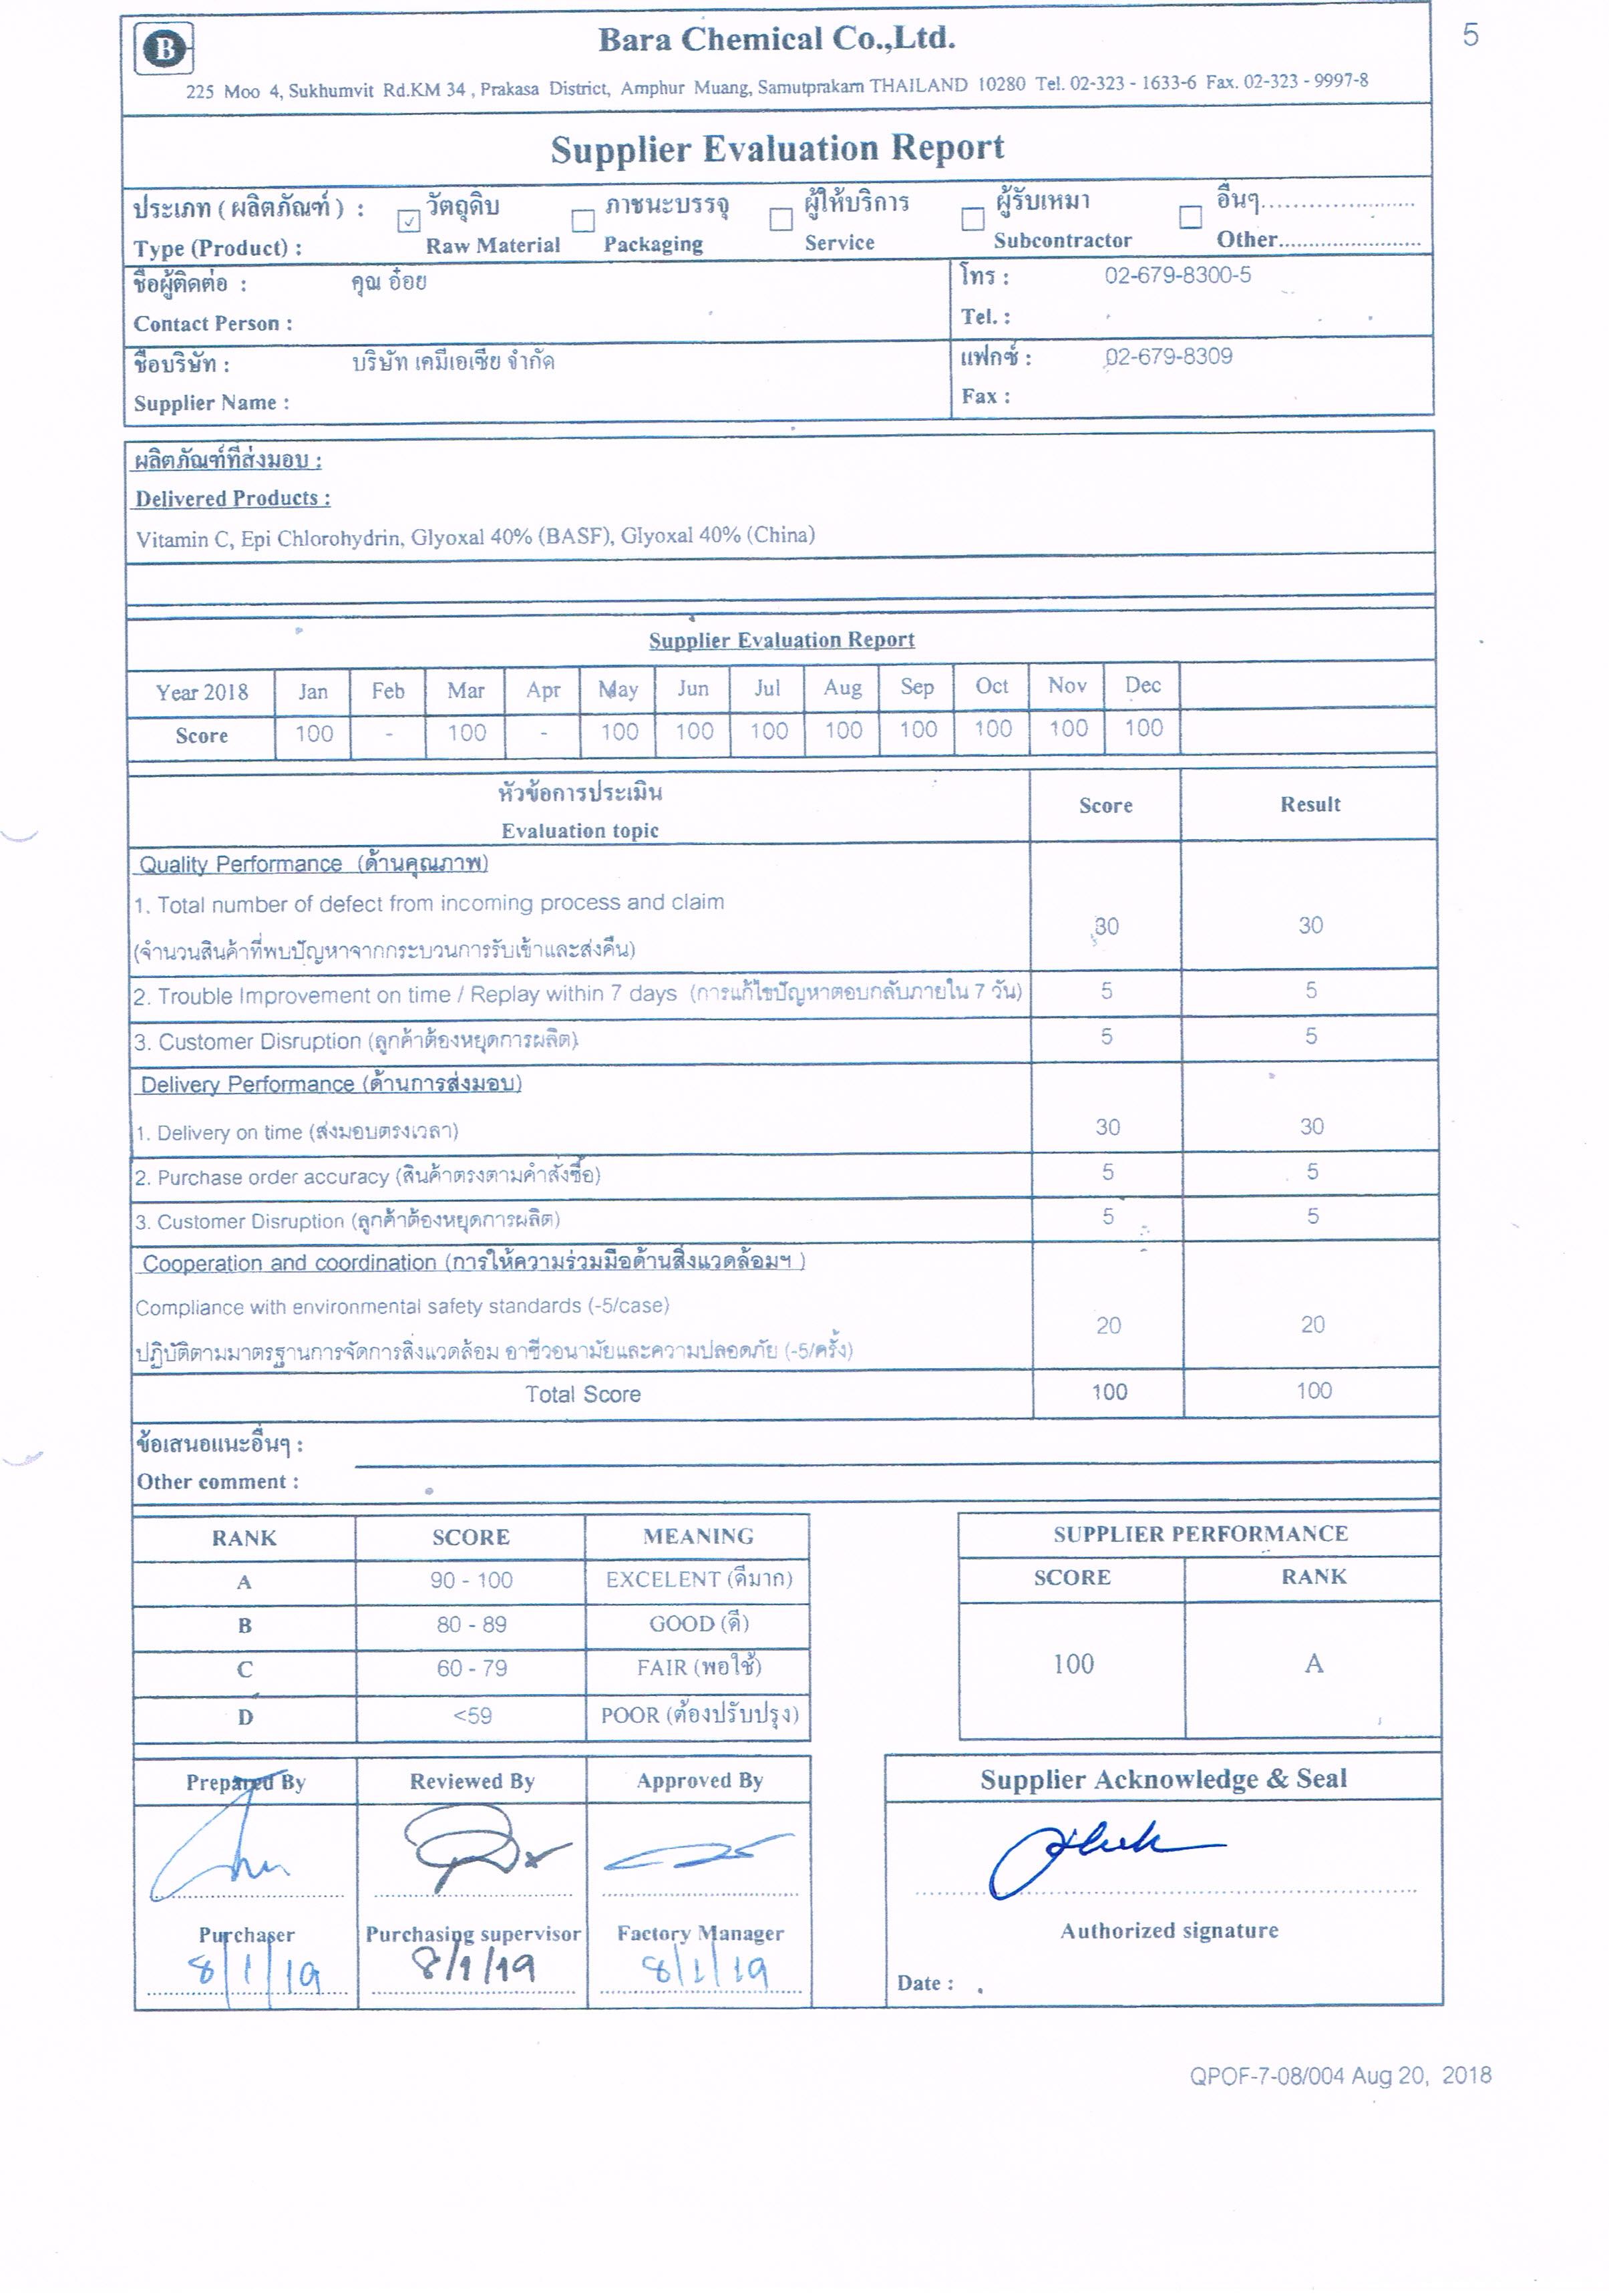 แจ้งเกณฑ์การประเมินผุ้ขายประจำปี2561  พา